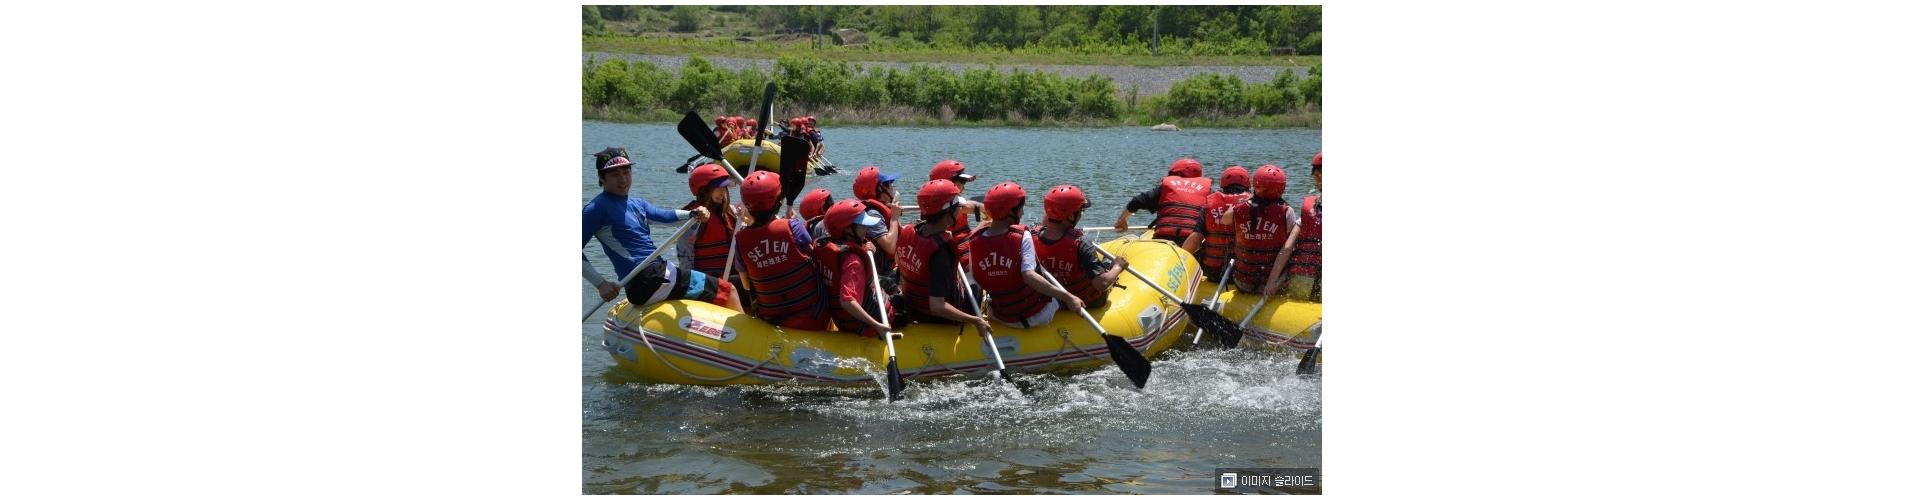 2013 봄캠핑(적벽강) 래프팅3